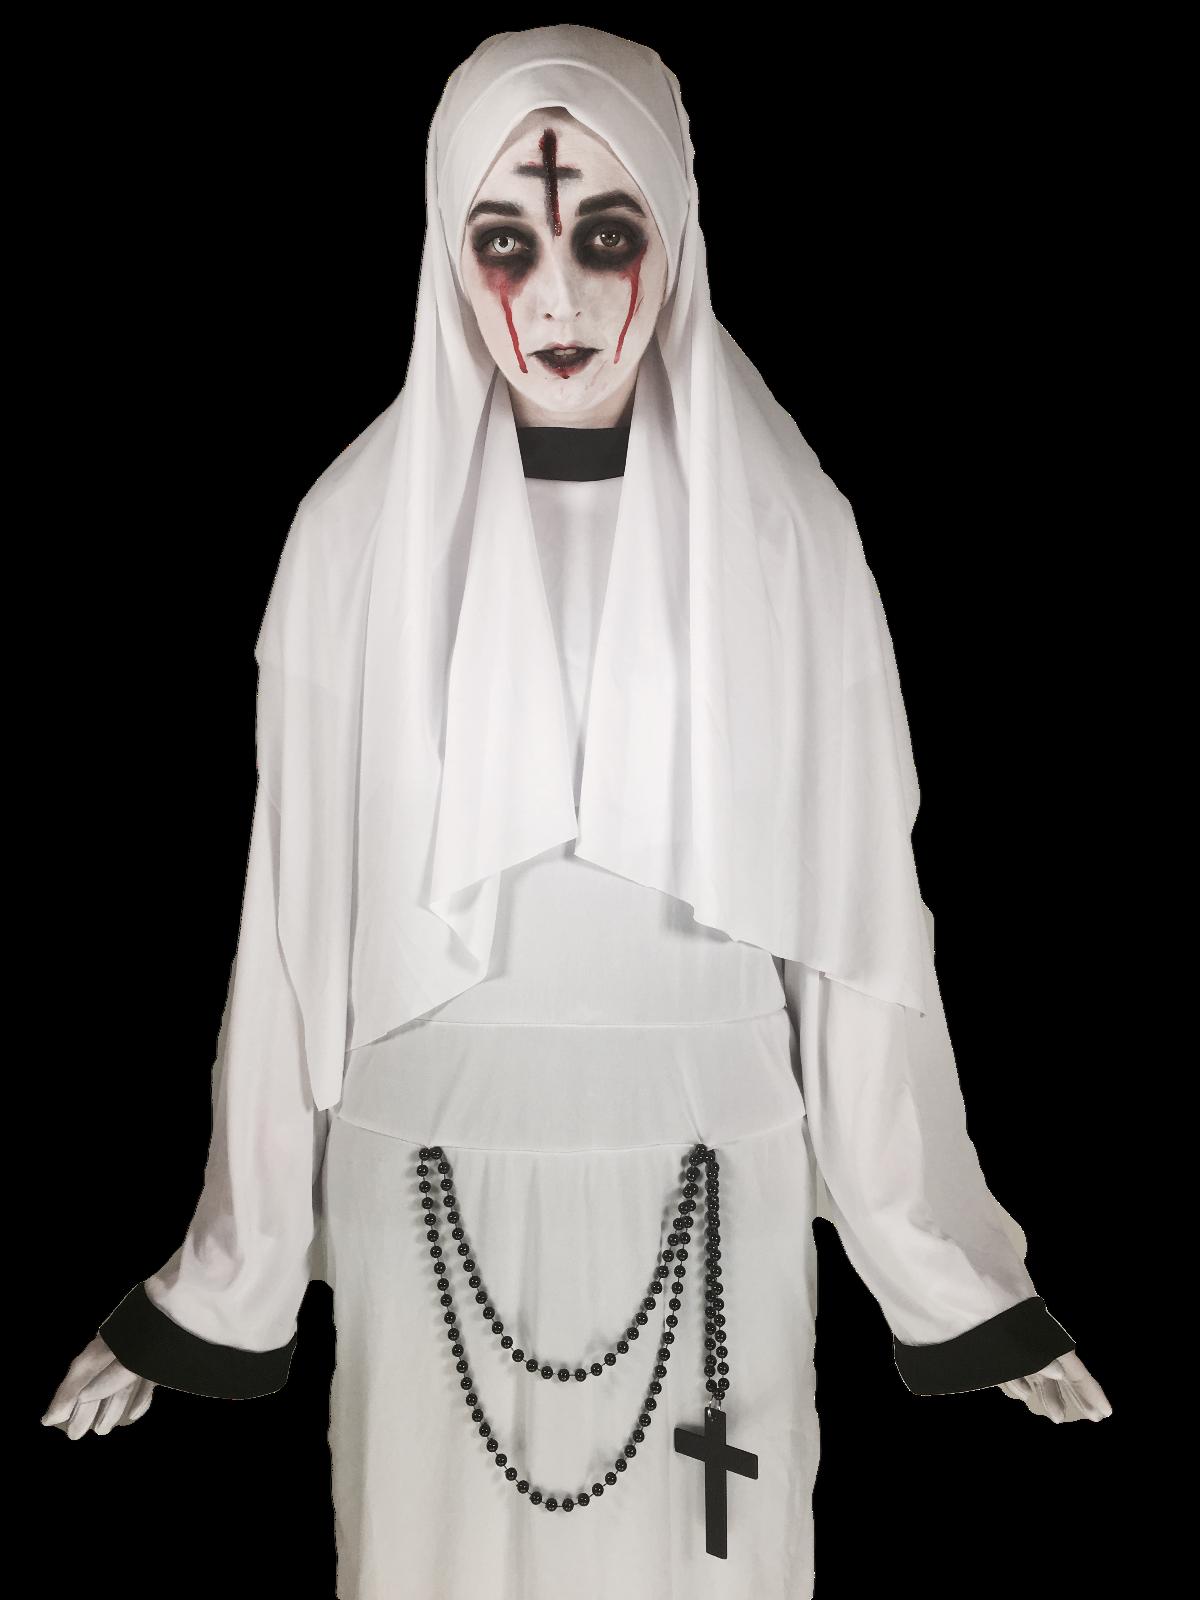 Adulte Homme Nun Nouveauté Sister Habitude Stag Do Fancy Dress Costume Outfit U37 164